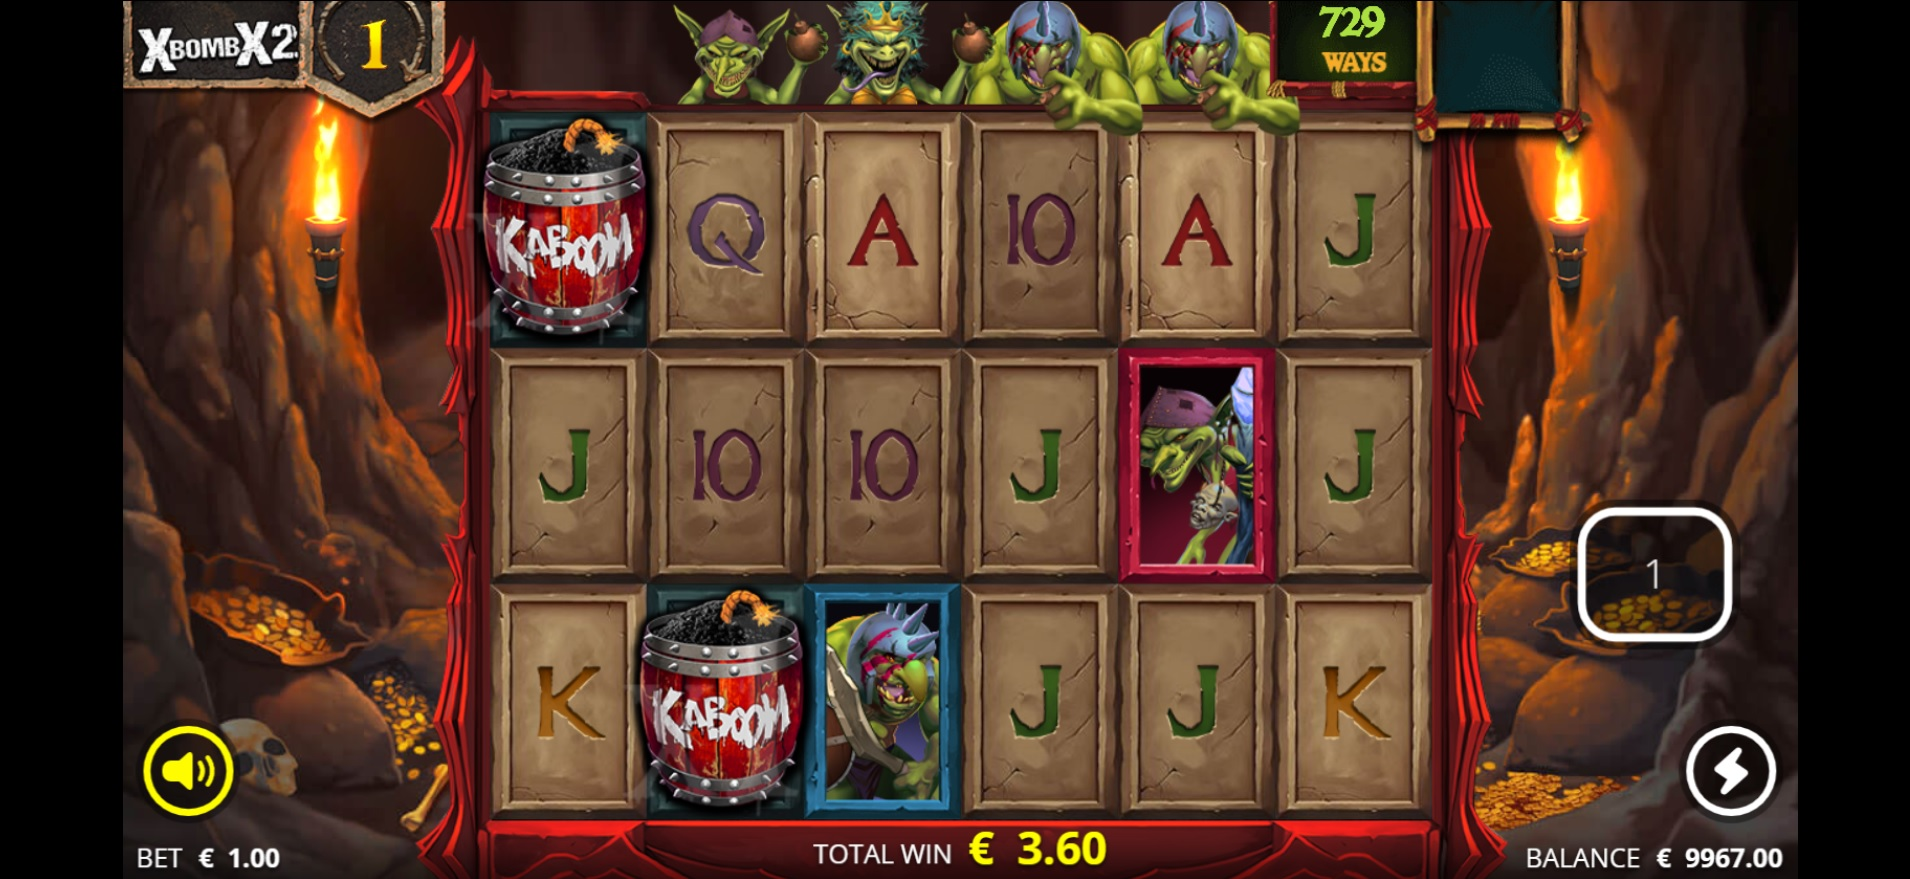 Evil Goblins - Big win during reel spin